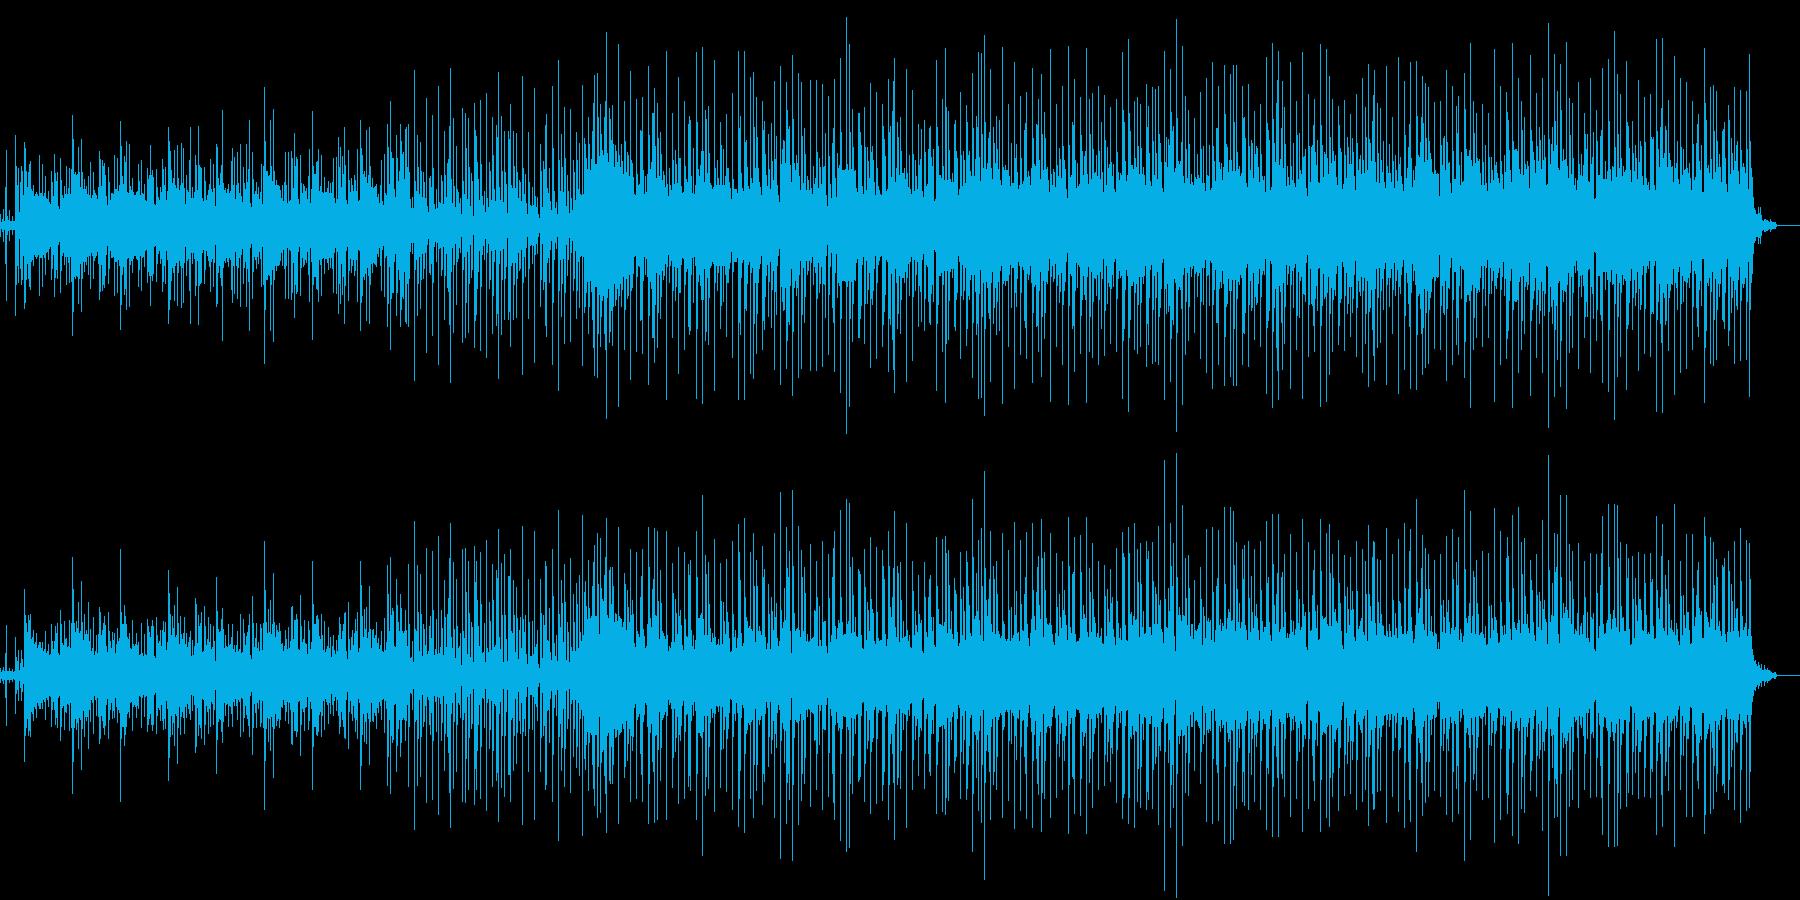 パーカッション多めの壮大なシンセ曲の再生済みの波形